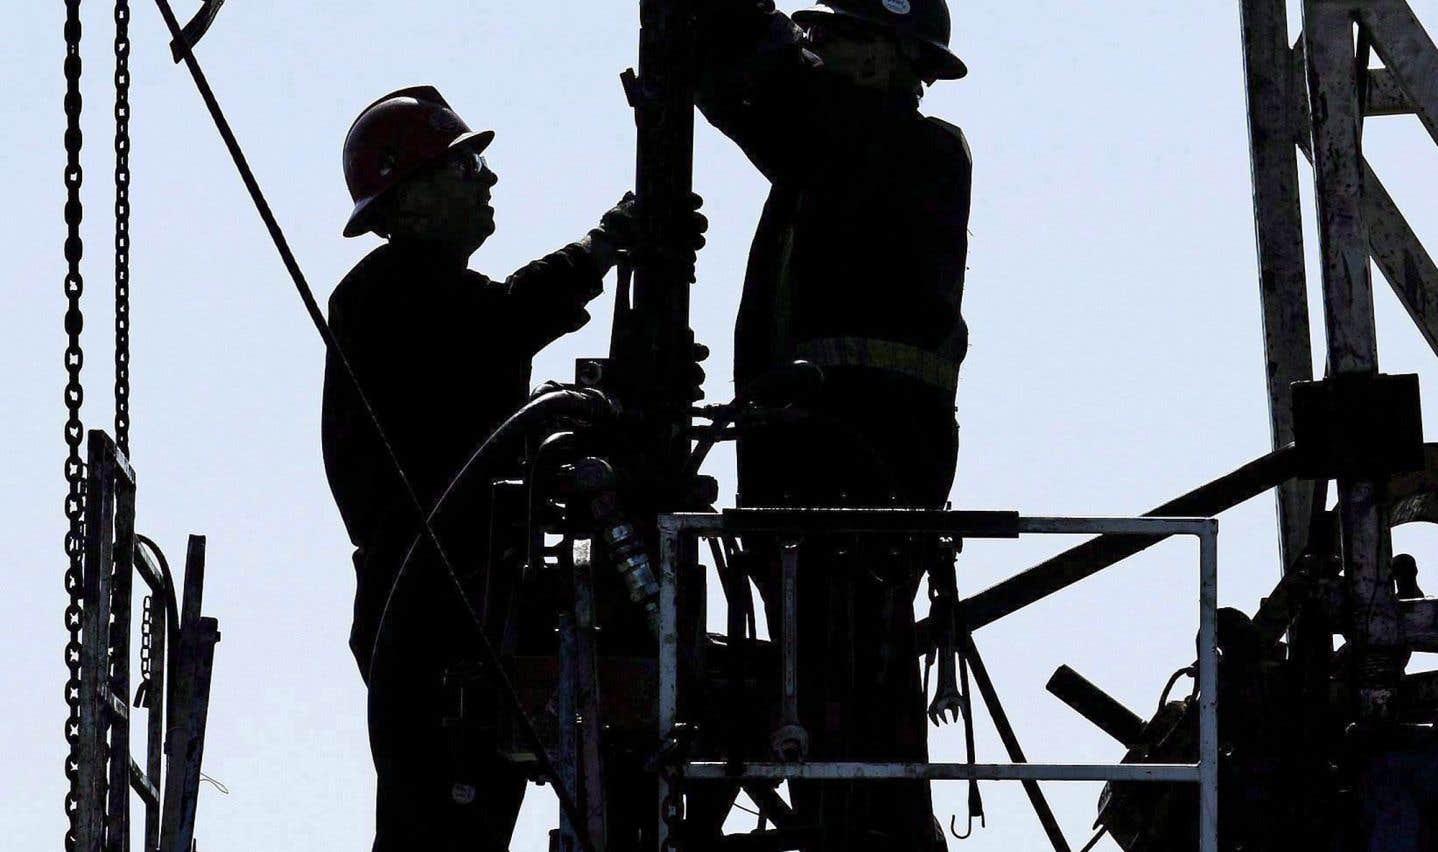 La production de pétrole du Canada dépassera les cinq millions de barils par jour en 2030